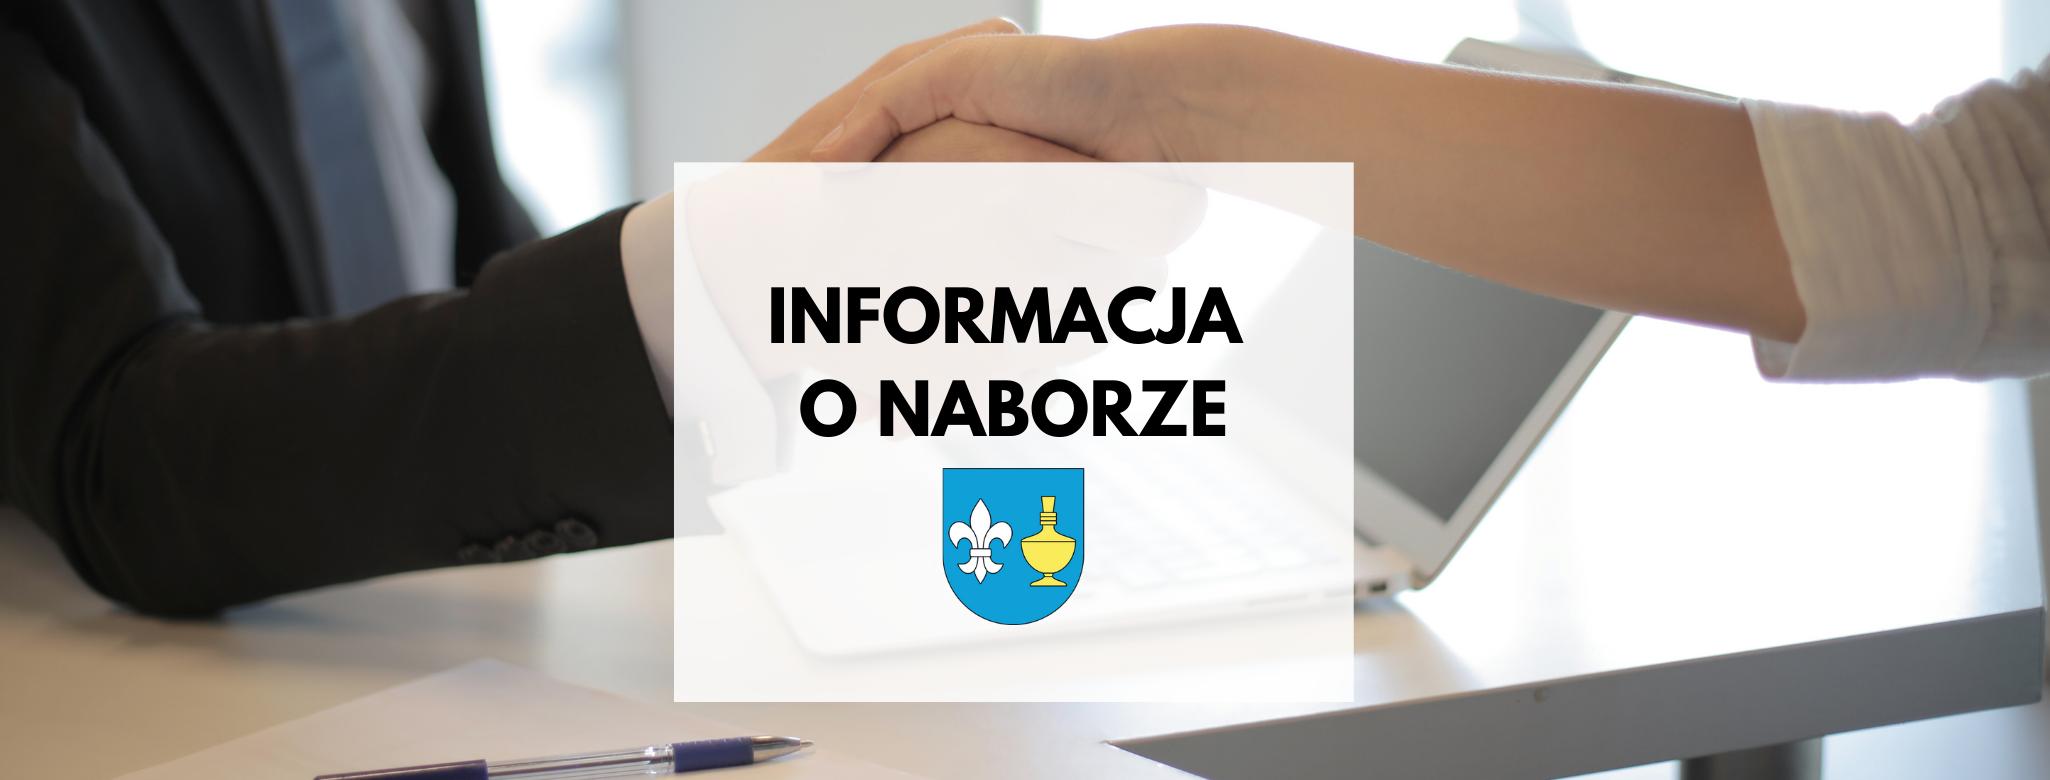 nagłówek graficzny o treści: informacja o naborze. W tle uścisk dłoni, na dole herb gminy Koczała.